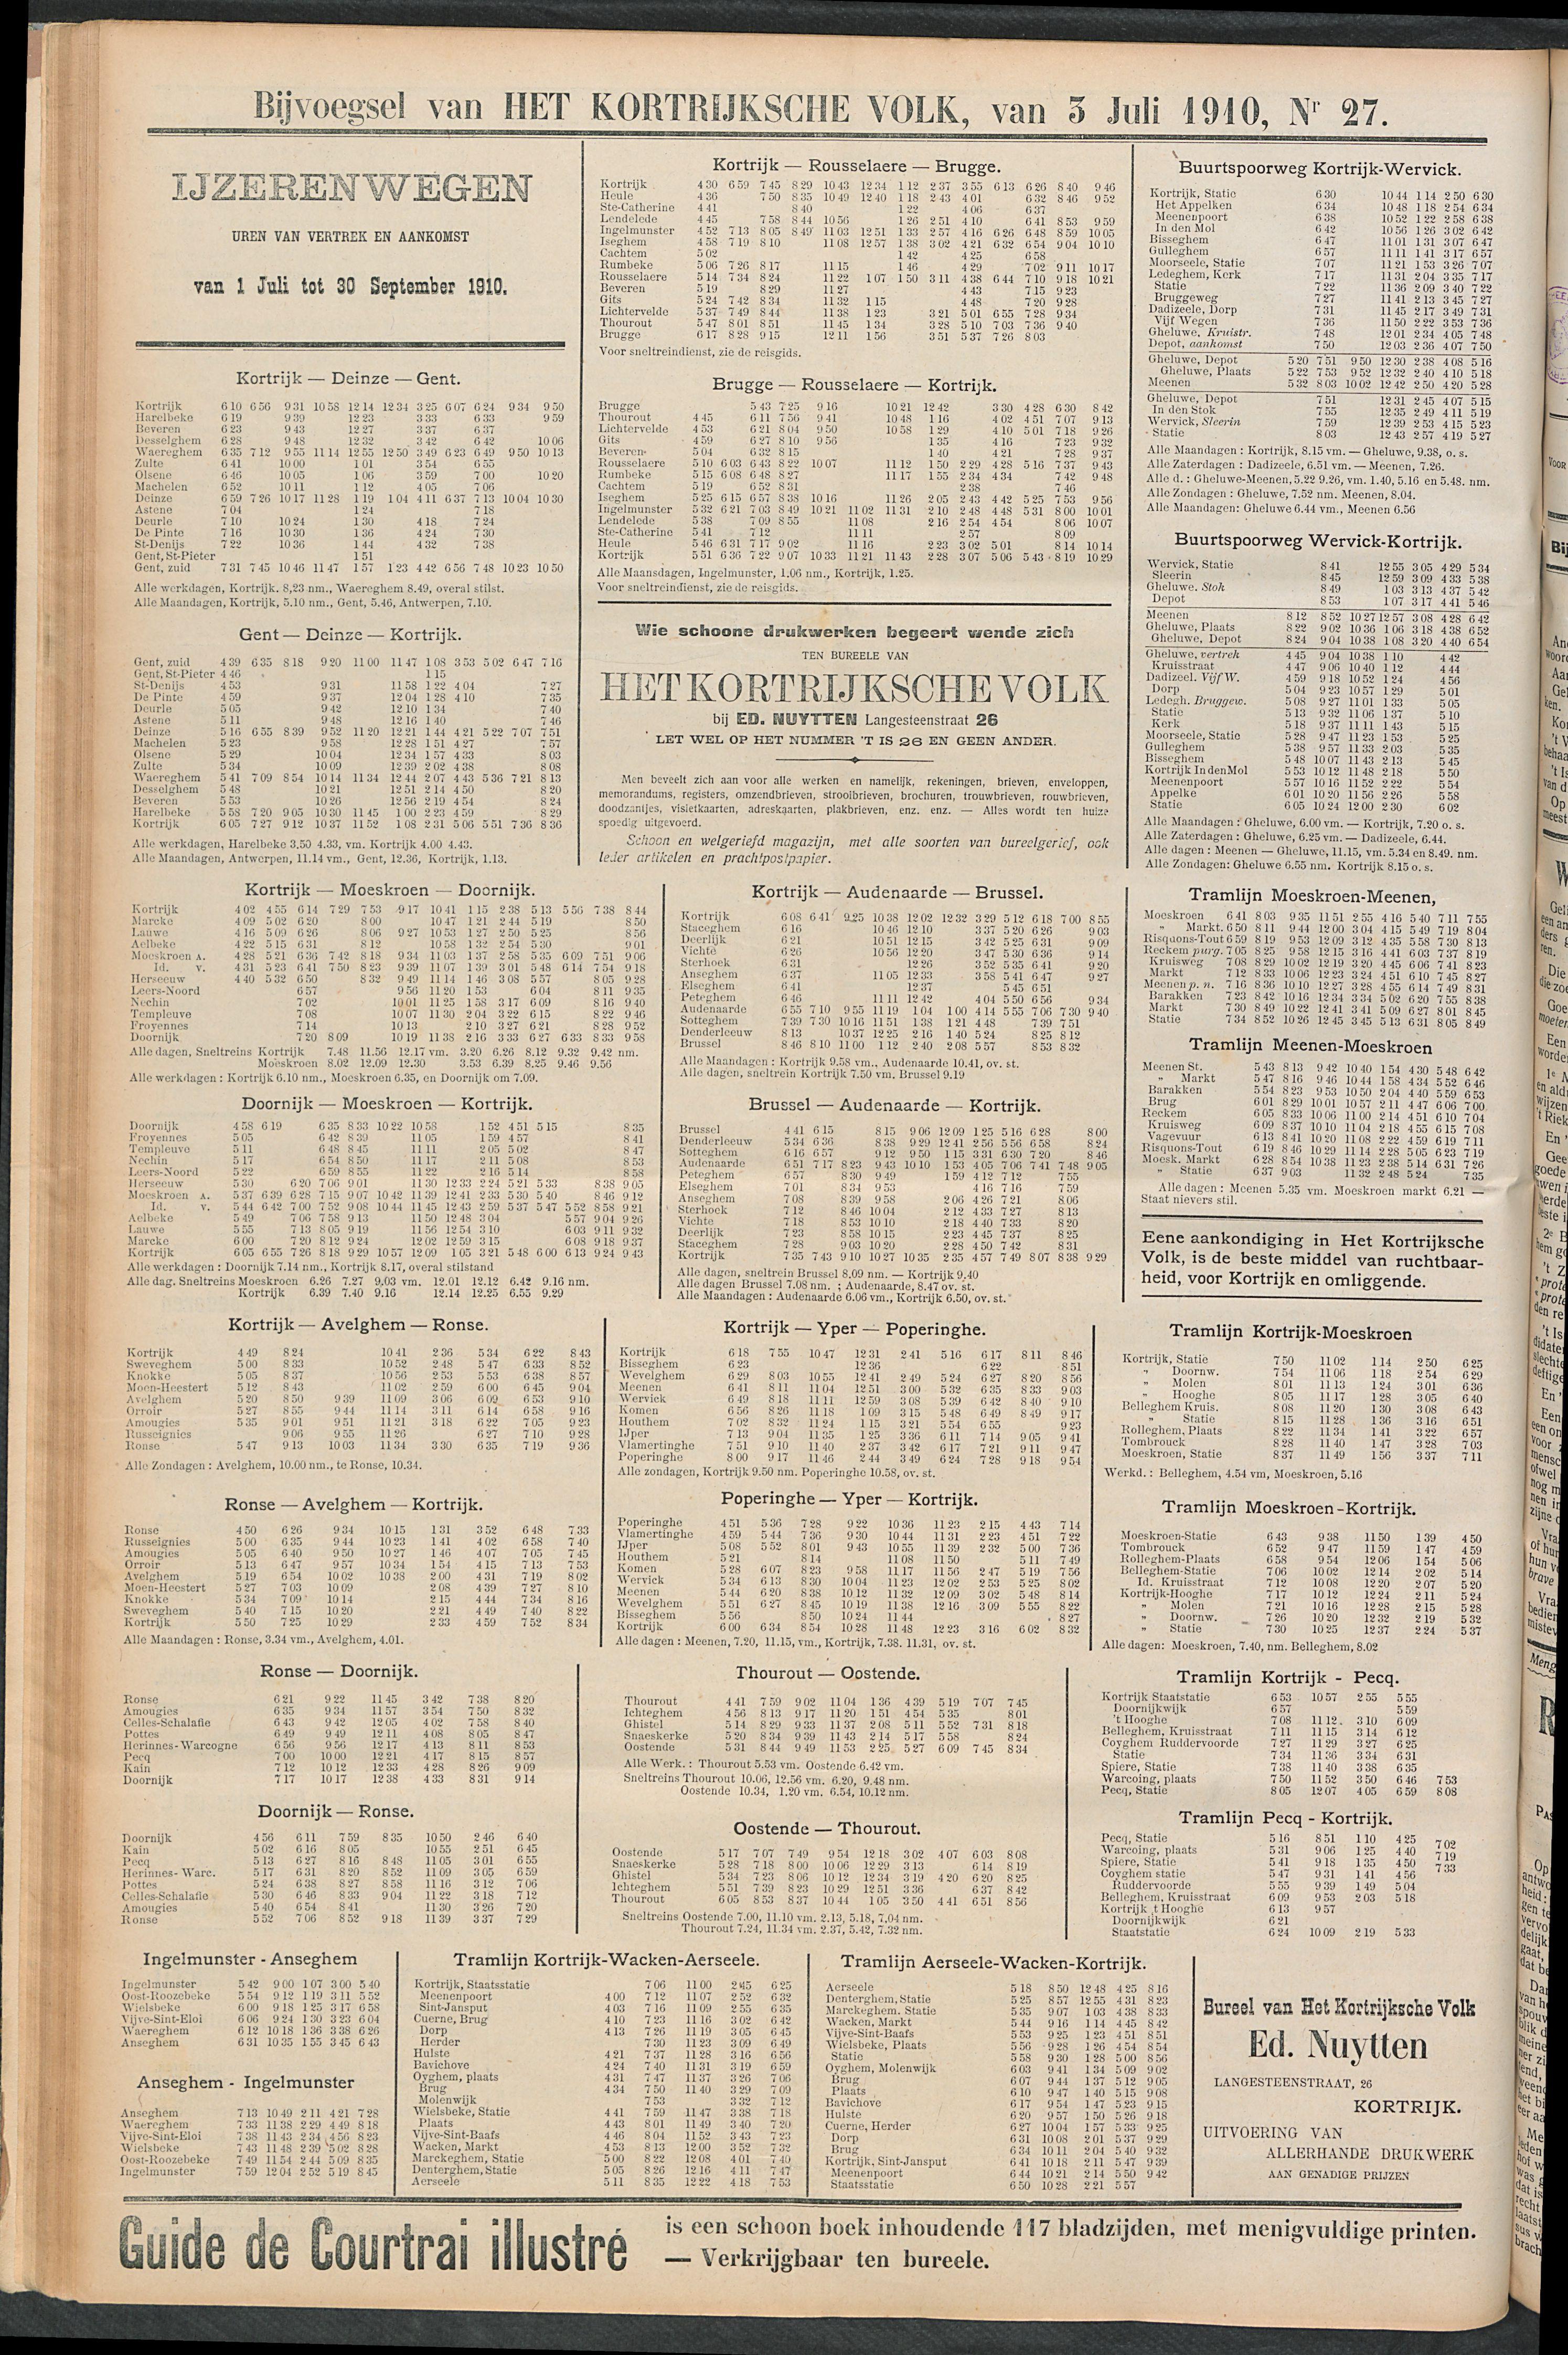 Het Kortrijksche Volk 1910-07-03 p6